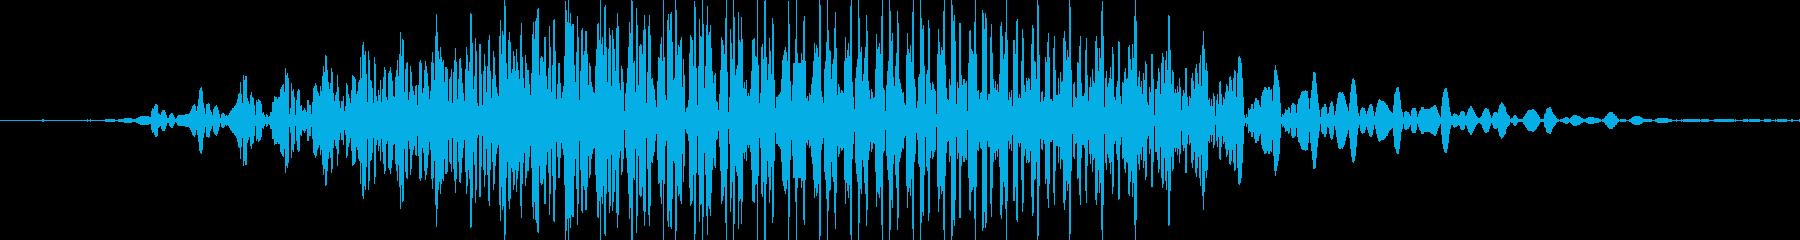 4(よん)の再生済みの波形